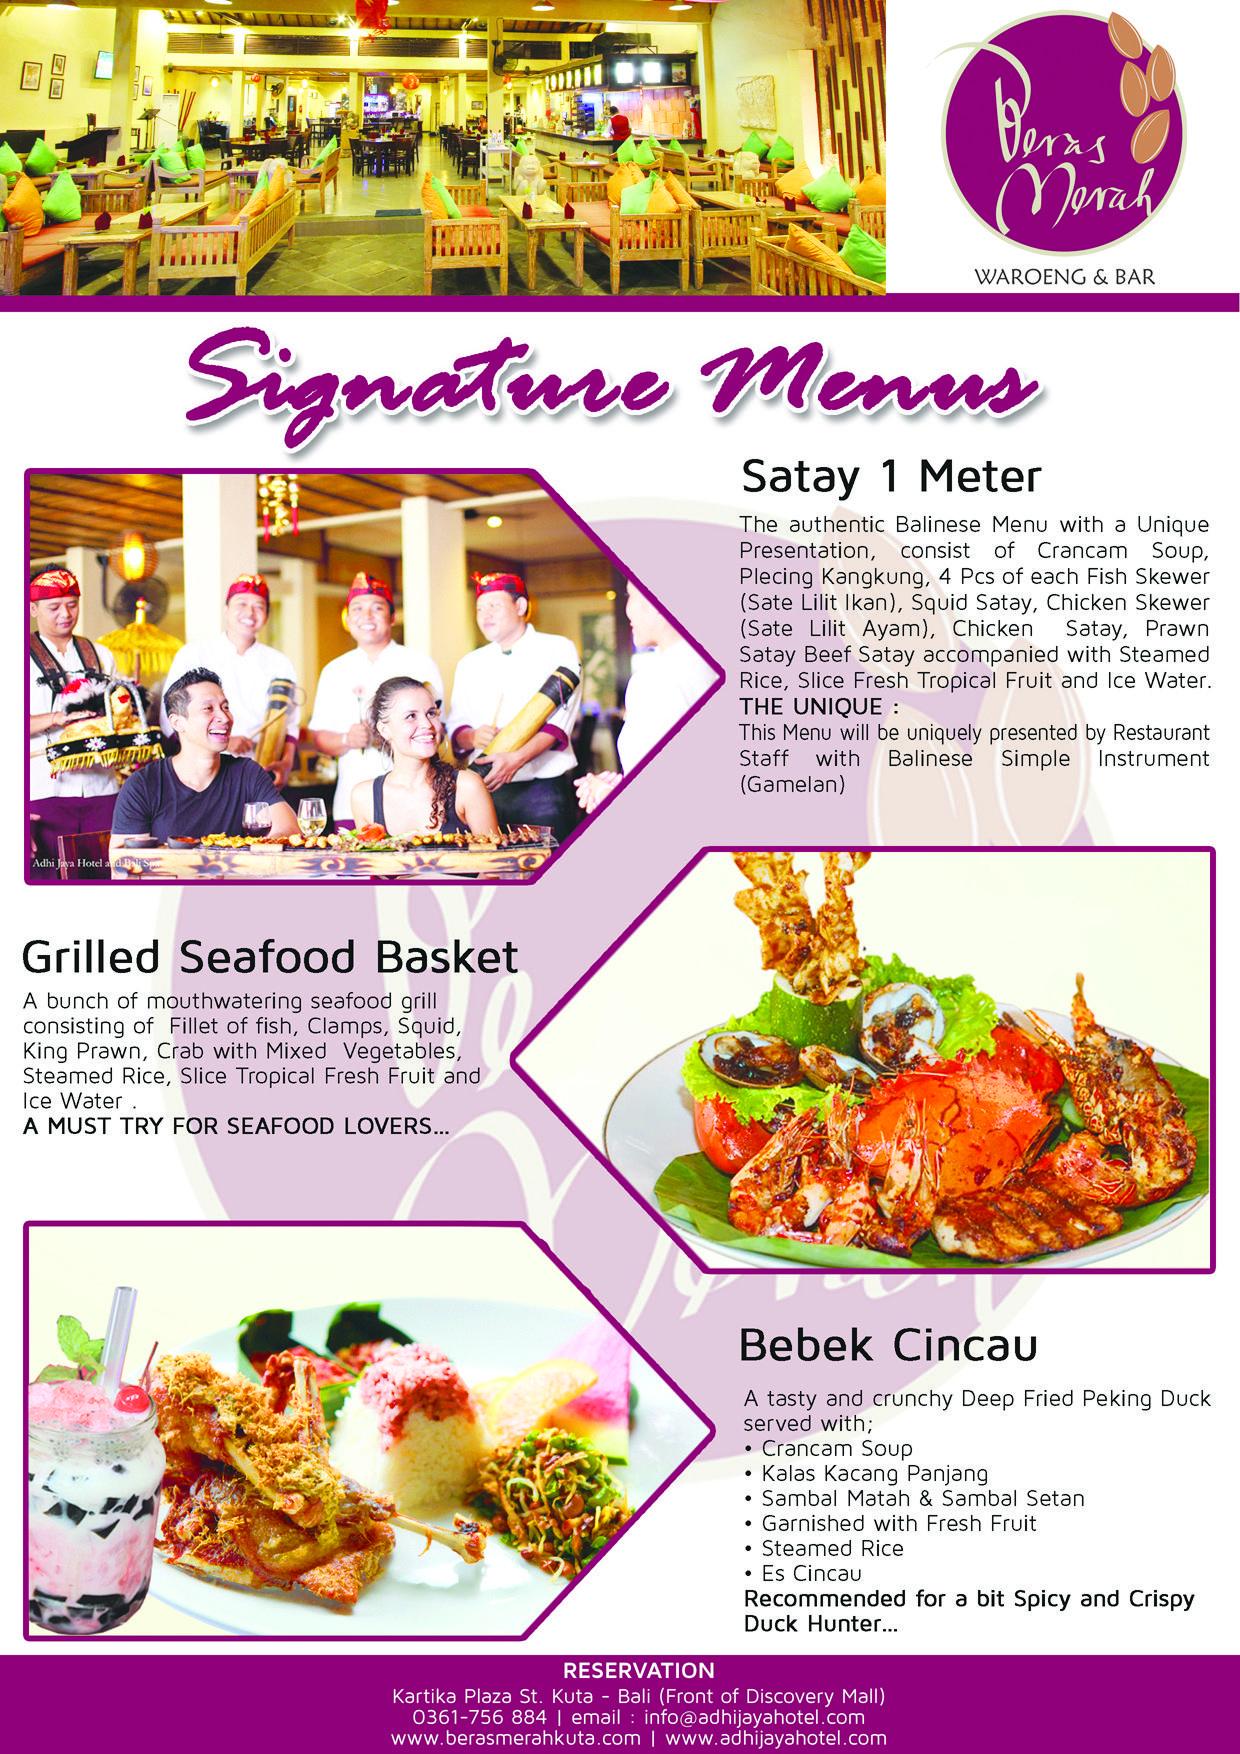 Food Beverage Promo Kangkung